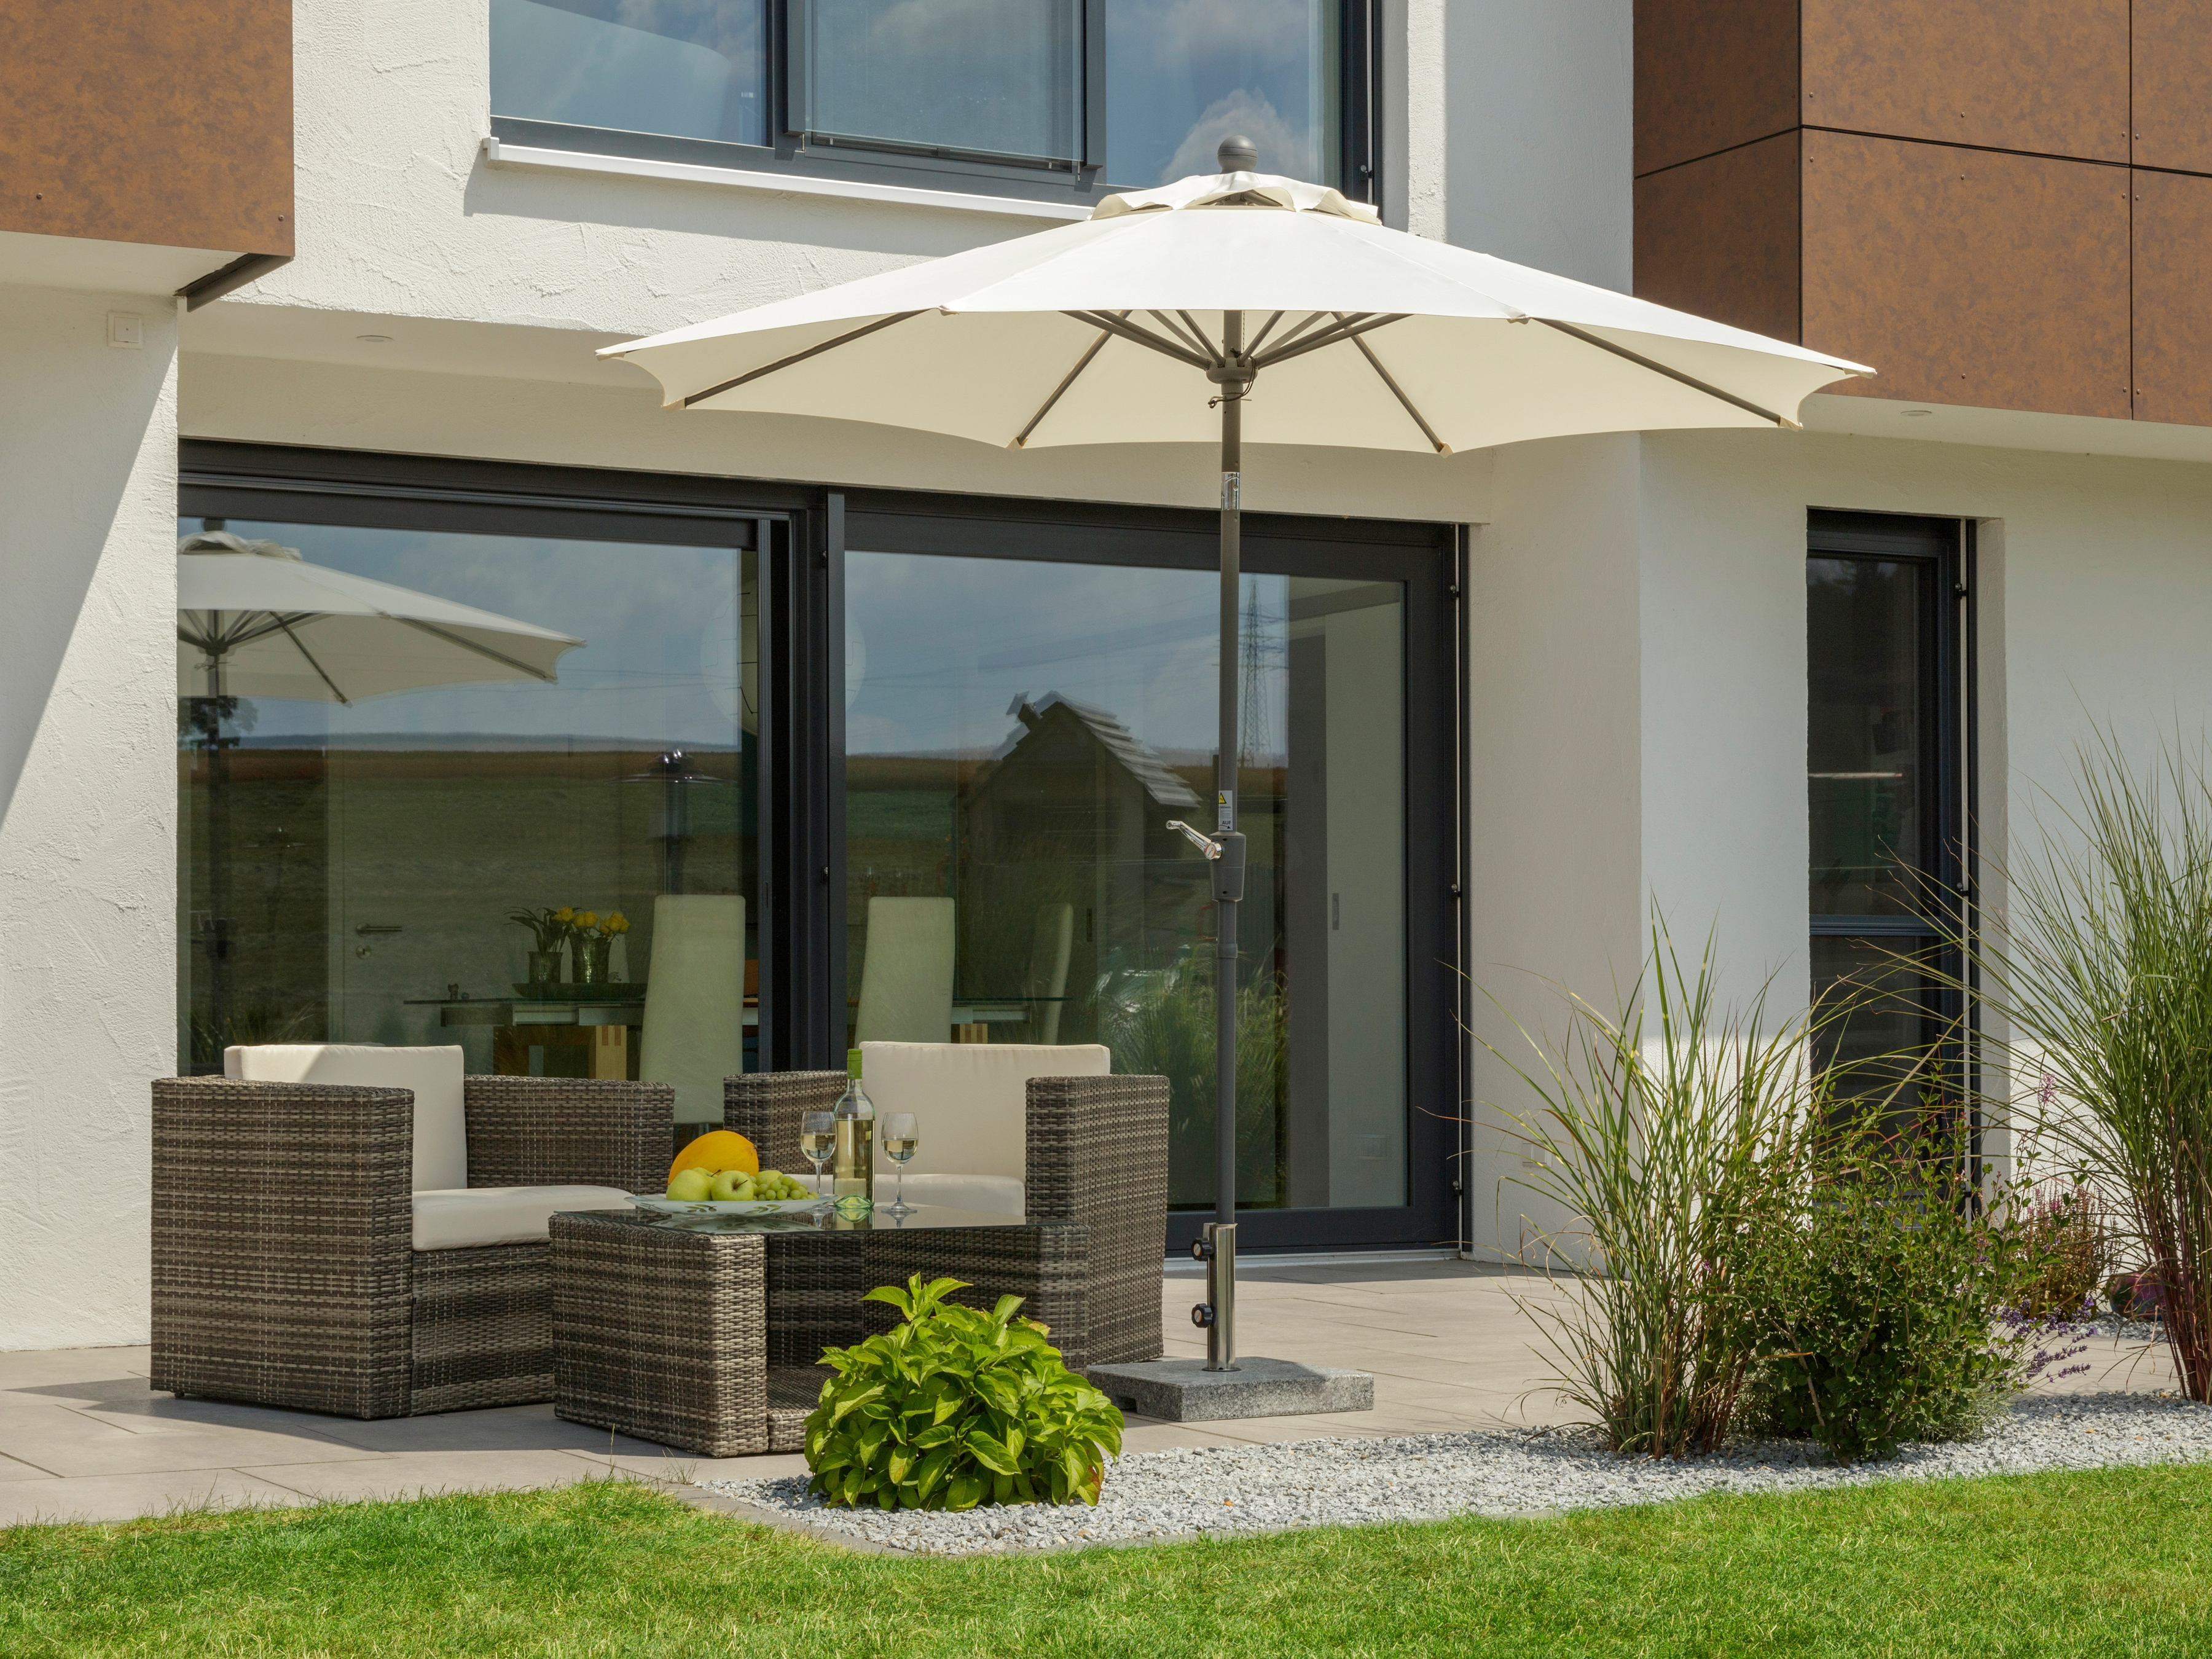 Schneider Schirme Sonnenschirm Harlem, ohne Schirmständer beige Sonnenschirme -segel Gartenmöbel Gartendeko